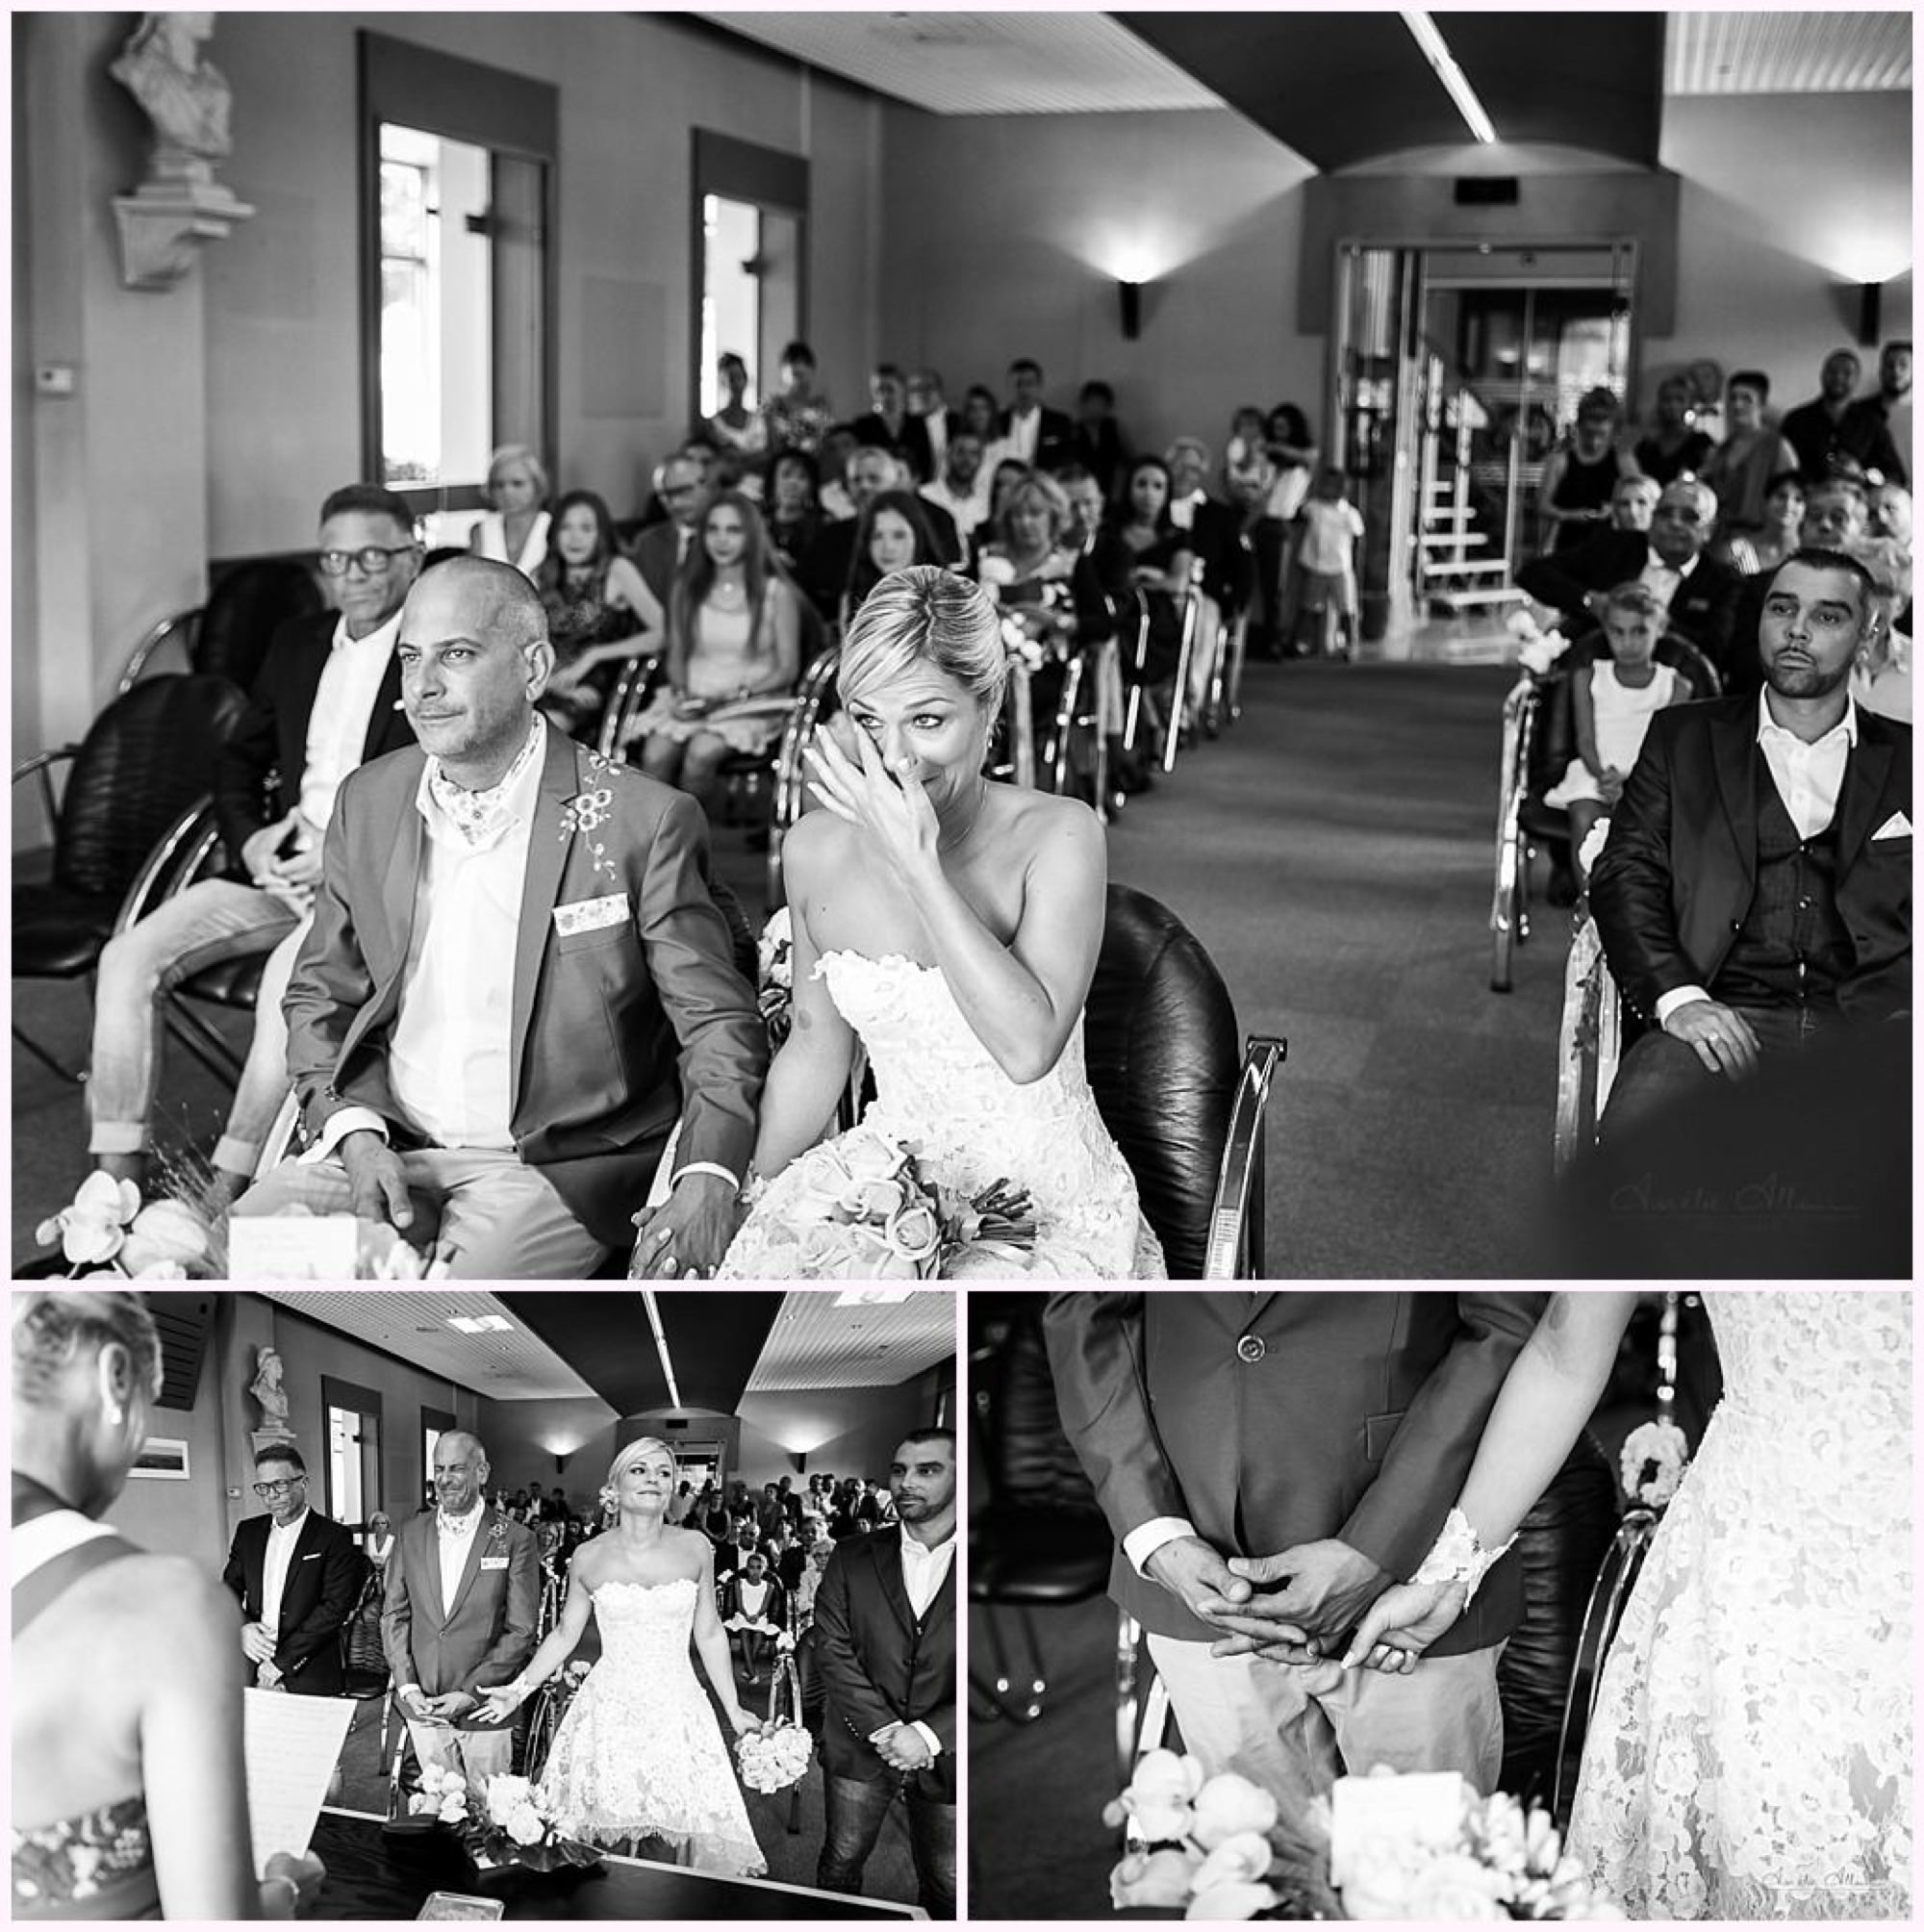 mariage émotion cérémonie mairie mâcon